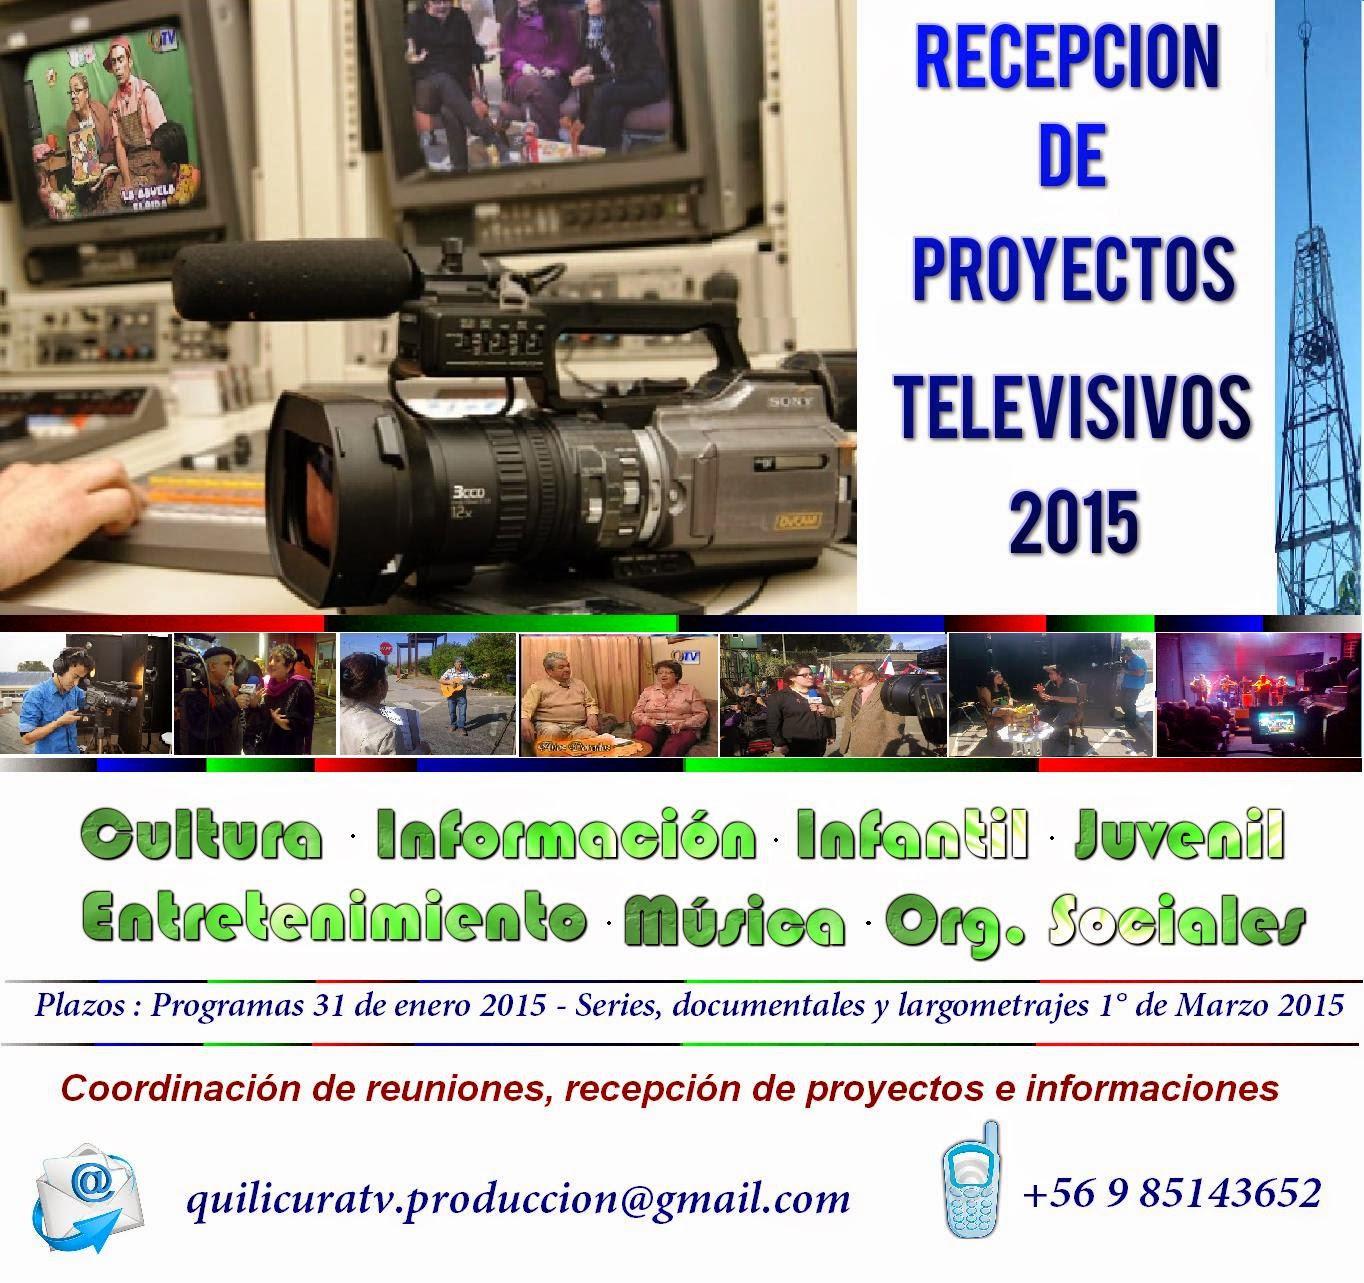 RECEPCION DE PROYECTOS TELEVISIVOS 2015